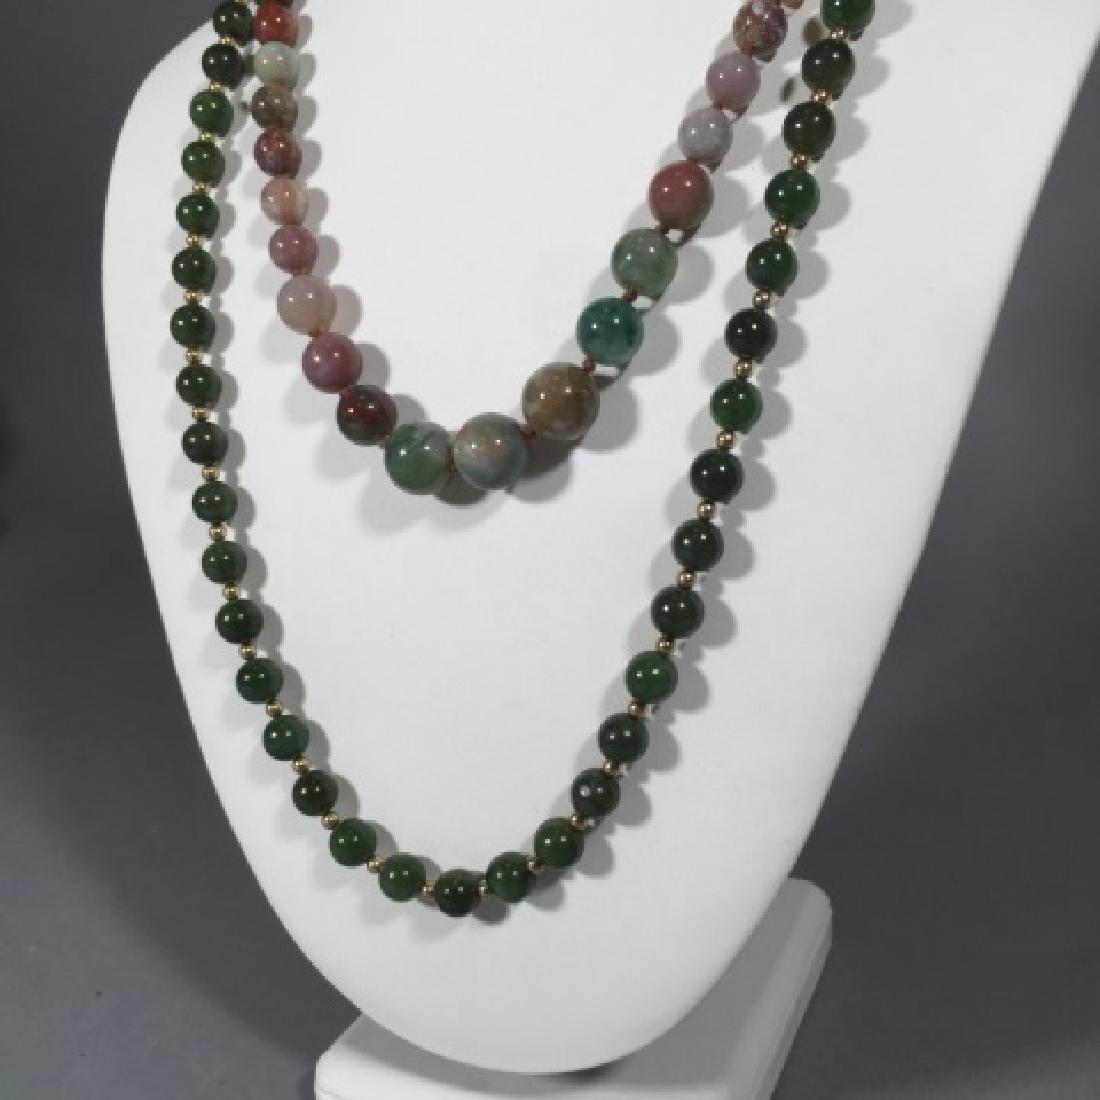 Vintage Green Jade & Agate Necklace Strands - 3